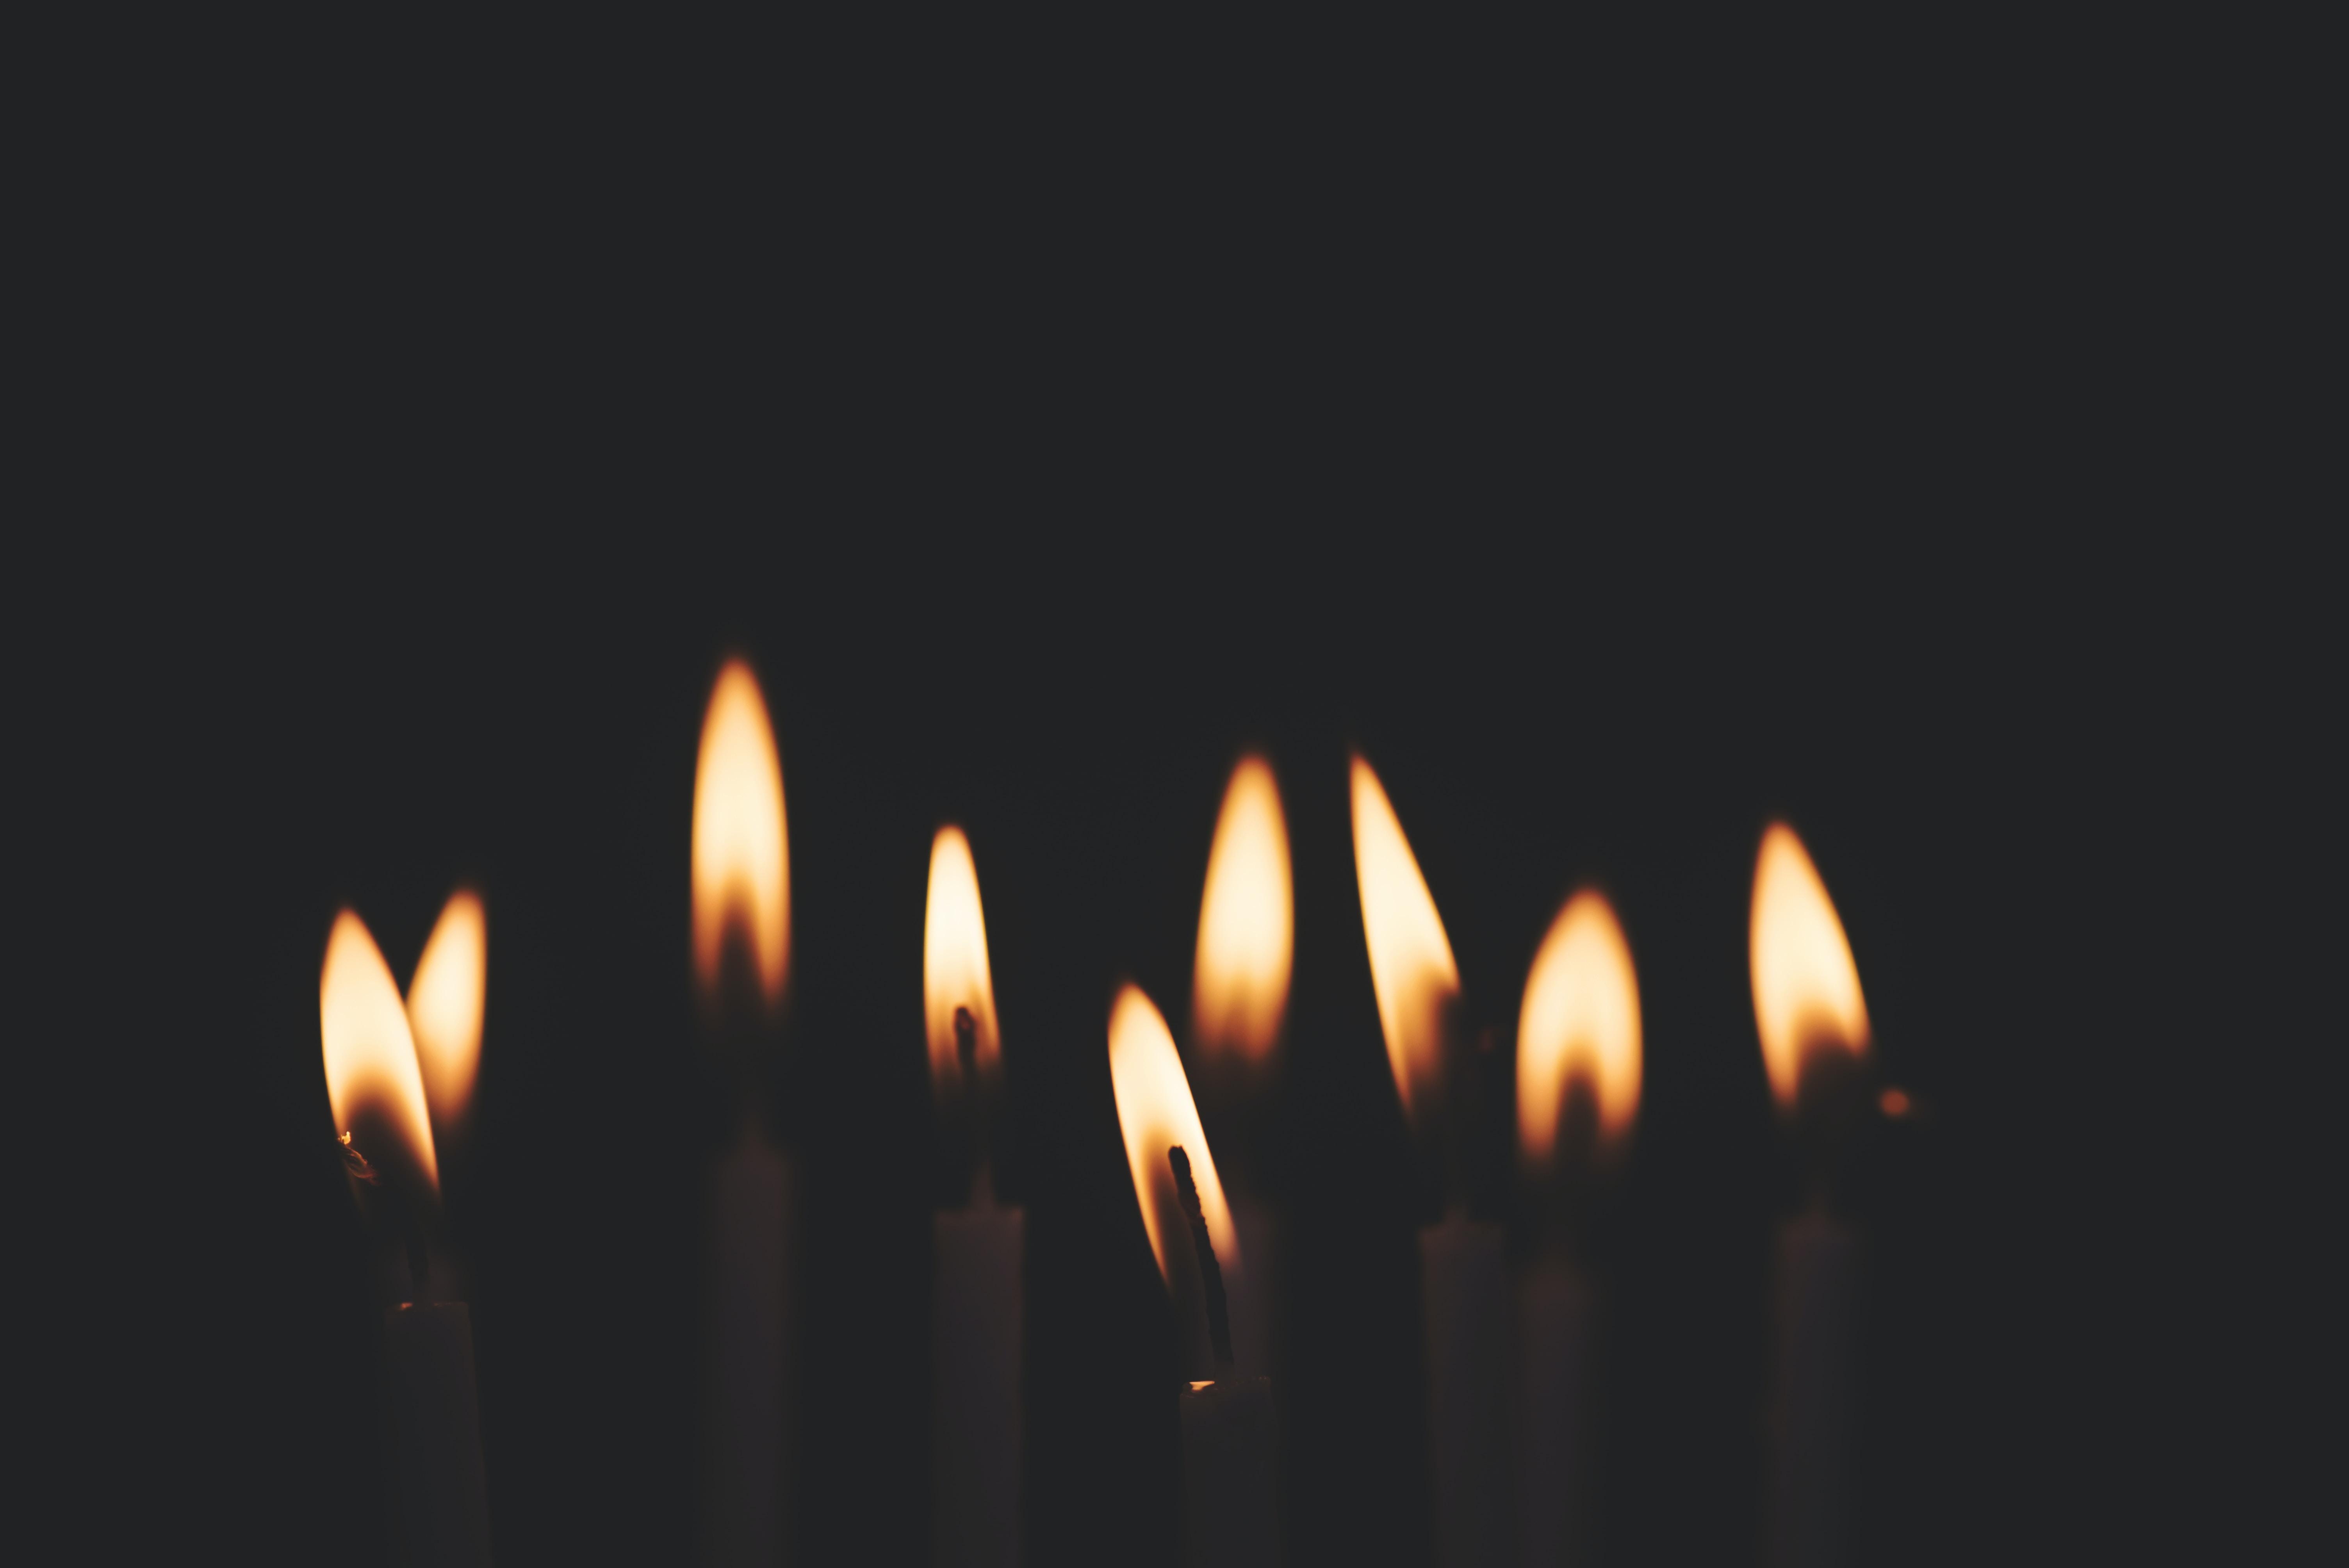 Flickering Flame darkness stories